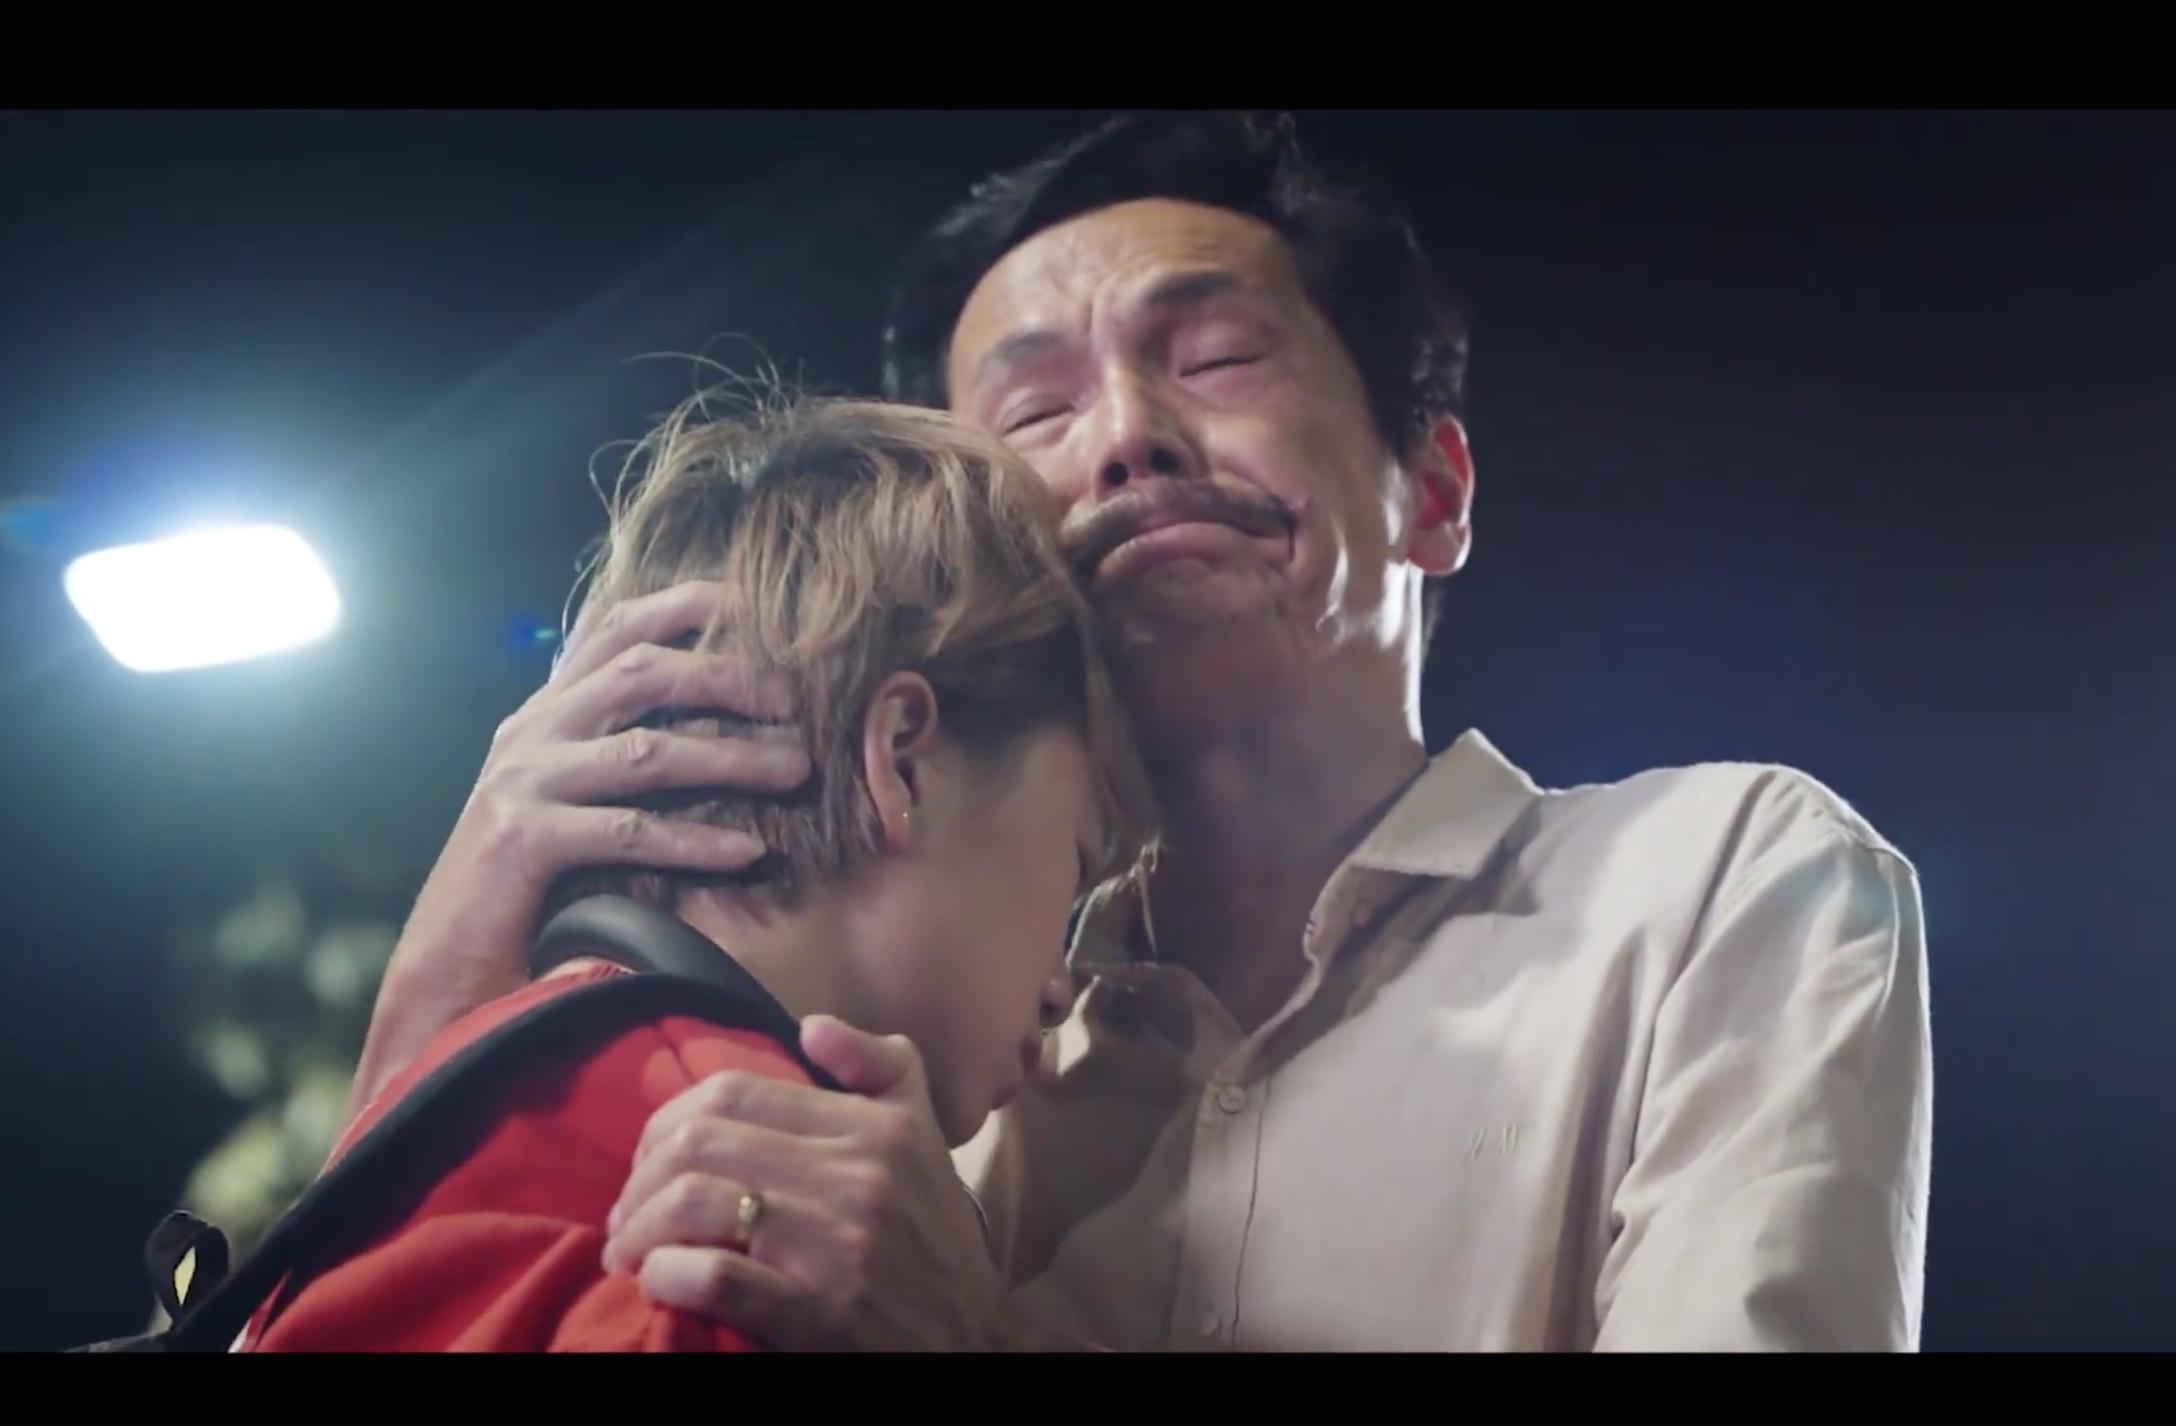 """Gia đình quốc dân """"Về nhà đi con"""" tái xuất, fans rơi nước mắt cùng thông điệp gửi gắm - Ảnh 2"""